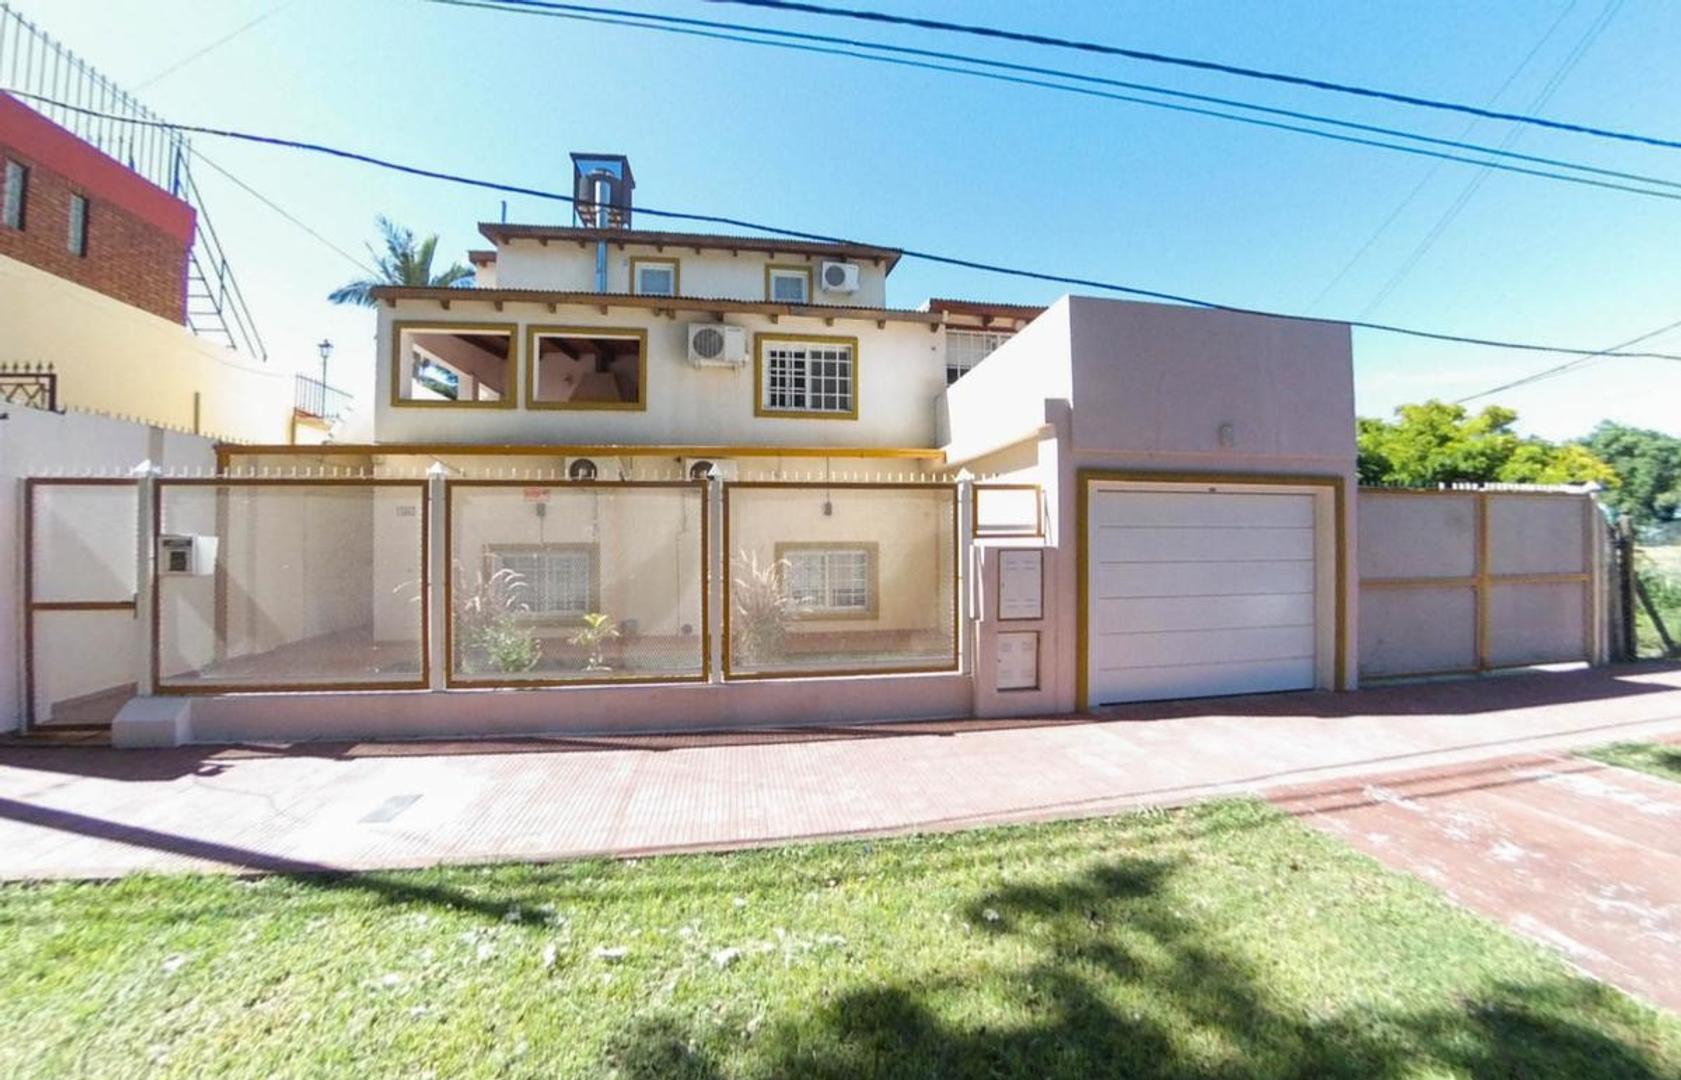 Casa en Venta en Alberdi - 9 ambientes